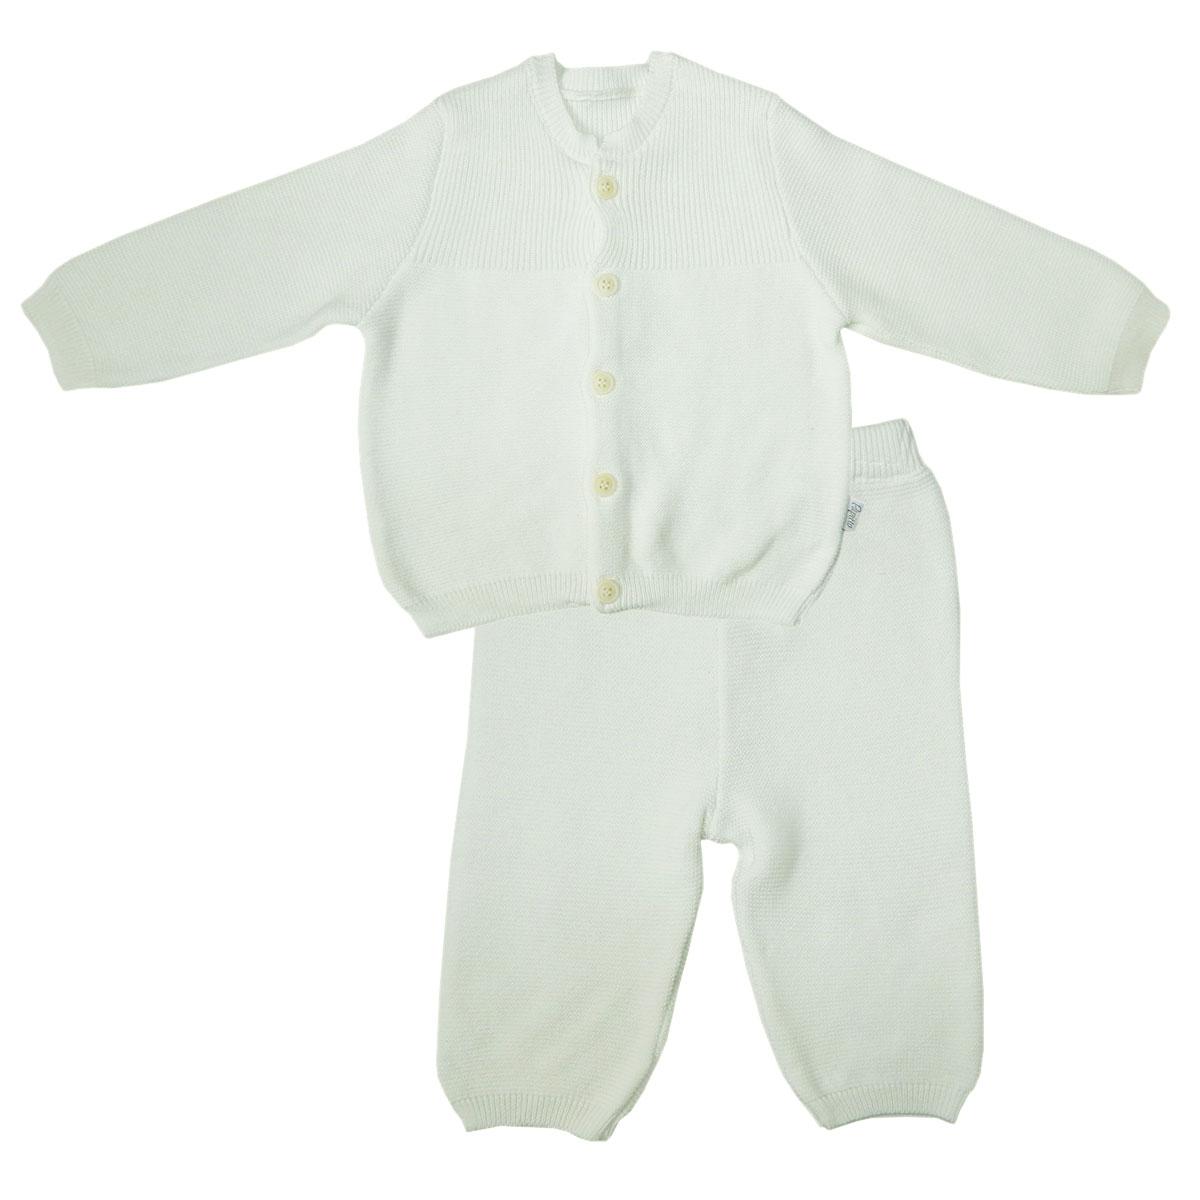 Купить 73-7004, Комплект одежды Папитто, цв. бежевый р.68,